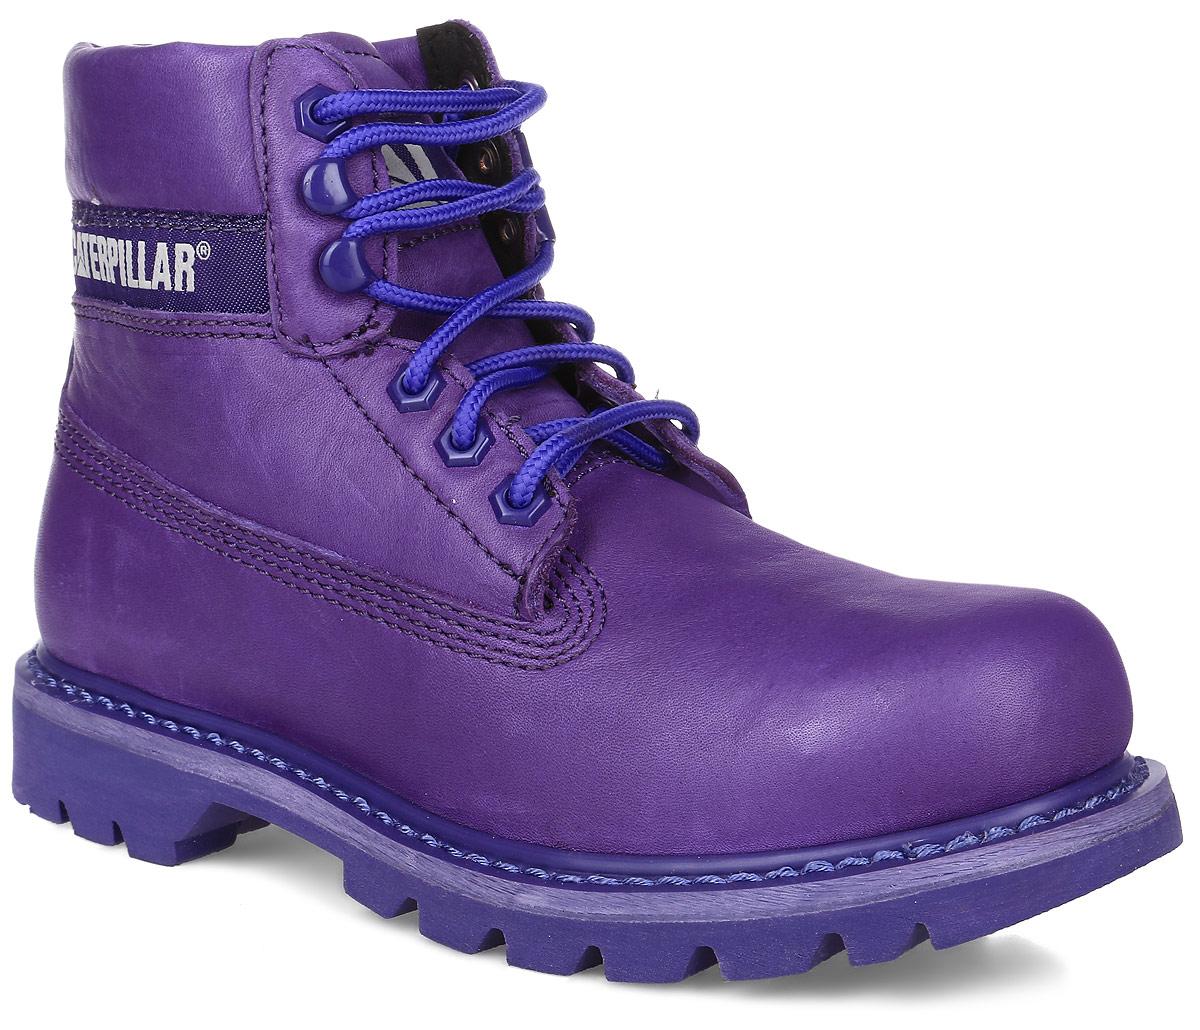 БотинкиP308860Стильные женские ботинки Colorado от Caterpillar отличный вариант на каждый день. Модель выполнена из высококачественно натуральной кожи. Подкладка изготовлена из нейлона. Утеплитель Thinsulate сохранит ваши ноги в тепле. Шнуровка надежно фиксирует модель на ноге. Стельки из EVA материала обеспечивают комфортное положение стопы и амортизацию. Резиновая подошва с агрессивным протектором обеспечивает хорошее сцепление с поверхностью. Прошивка подошвы позволит продлить срок службы модели.